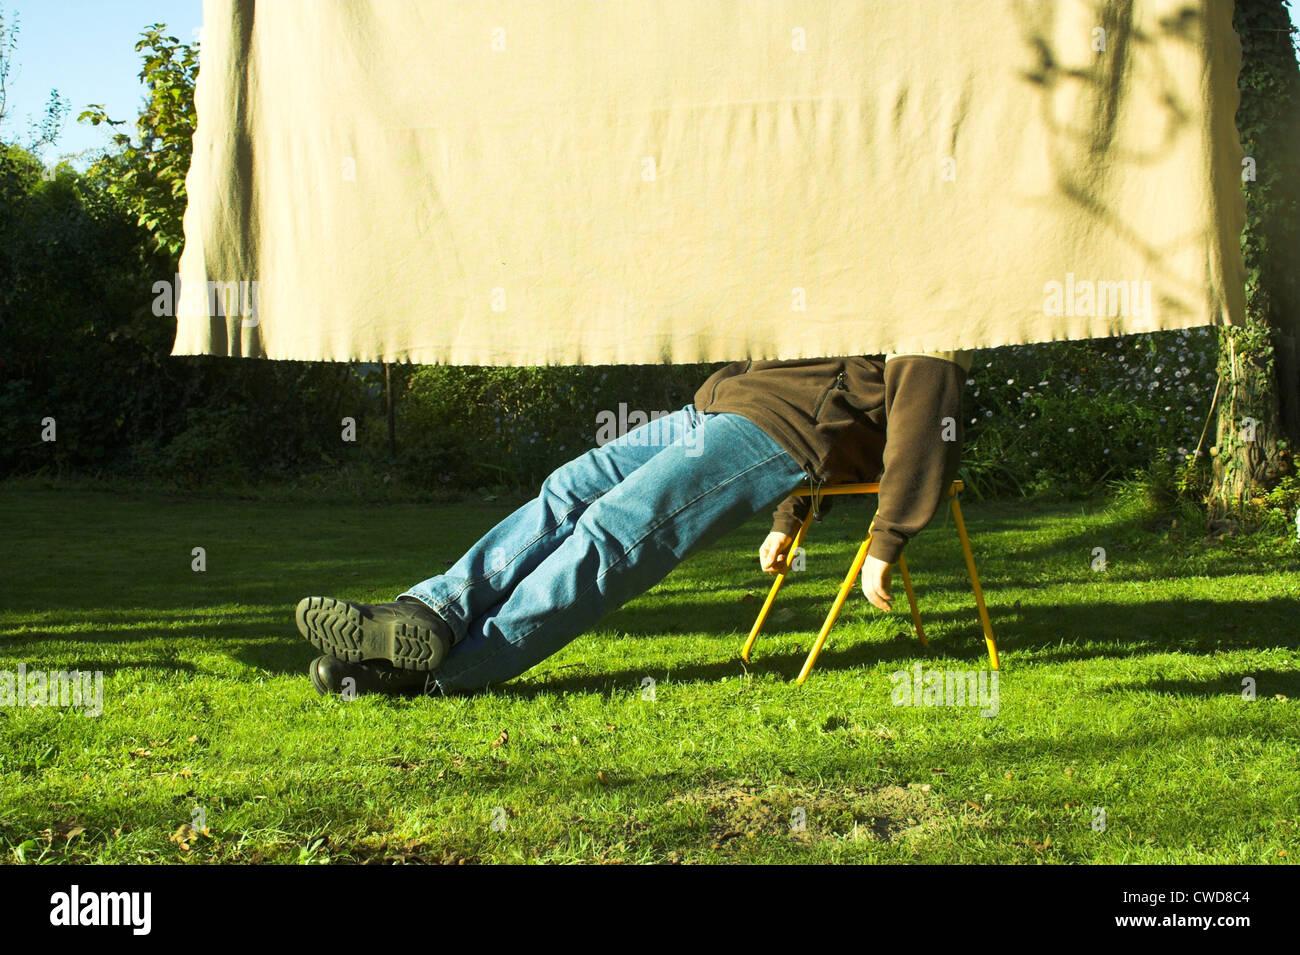 Mann, Genuss, Entspannung, Ruhe, Entspannung, Erholung Stockbild